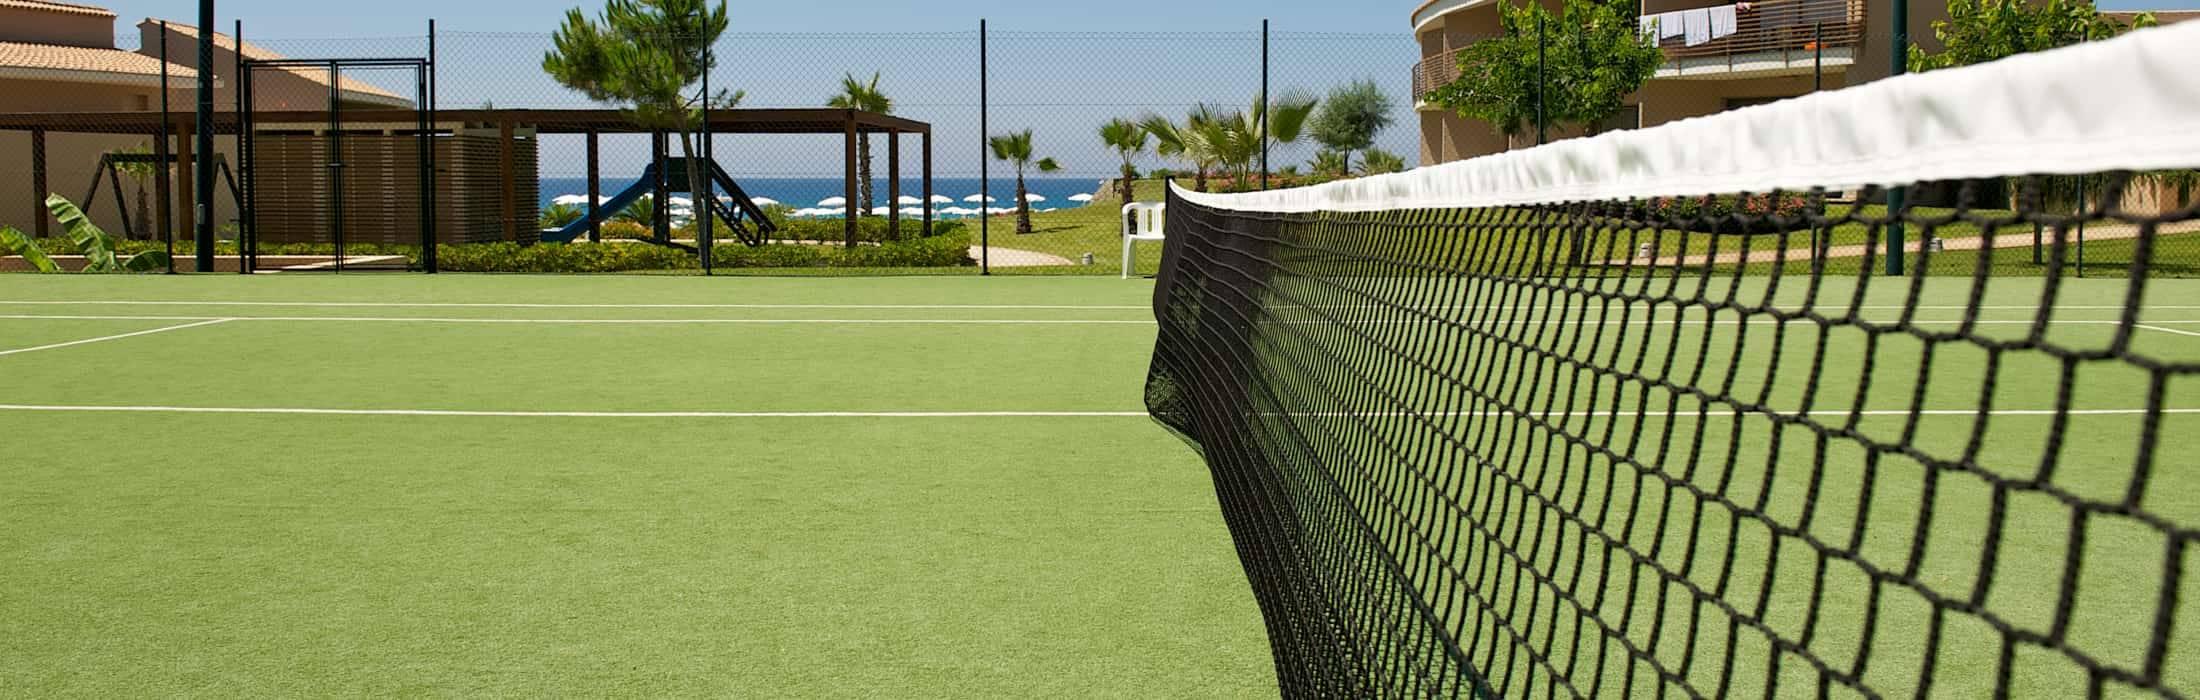 courts-de-tennis